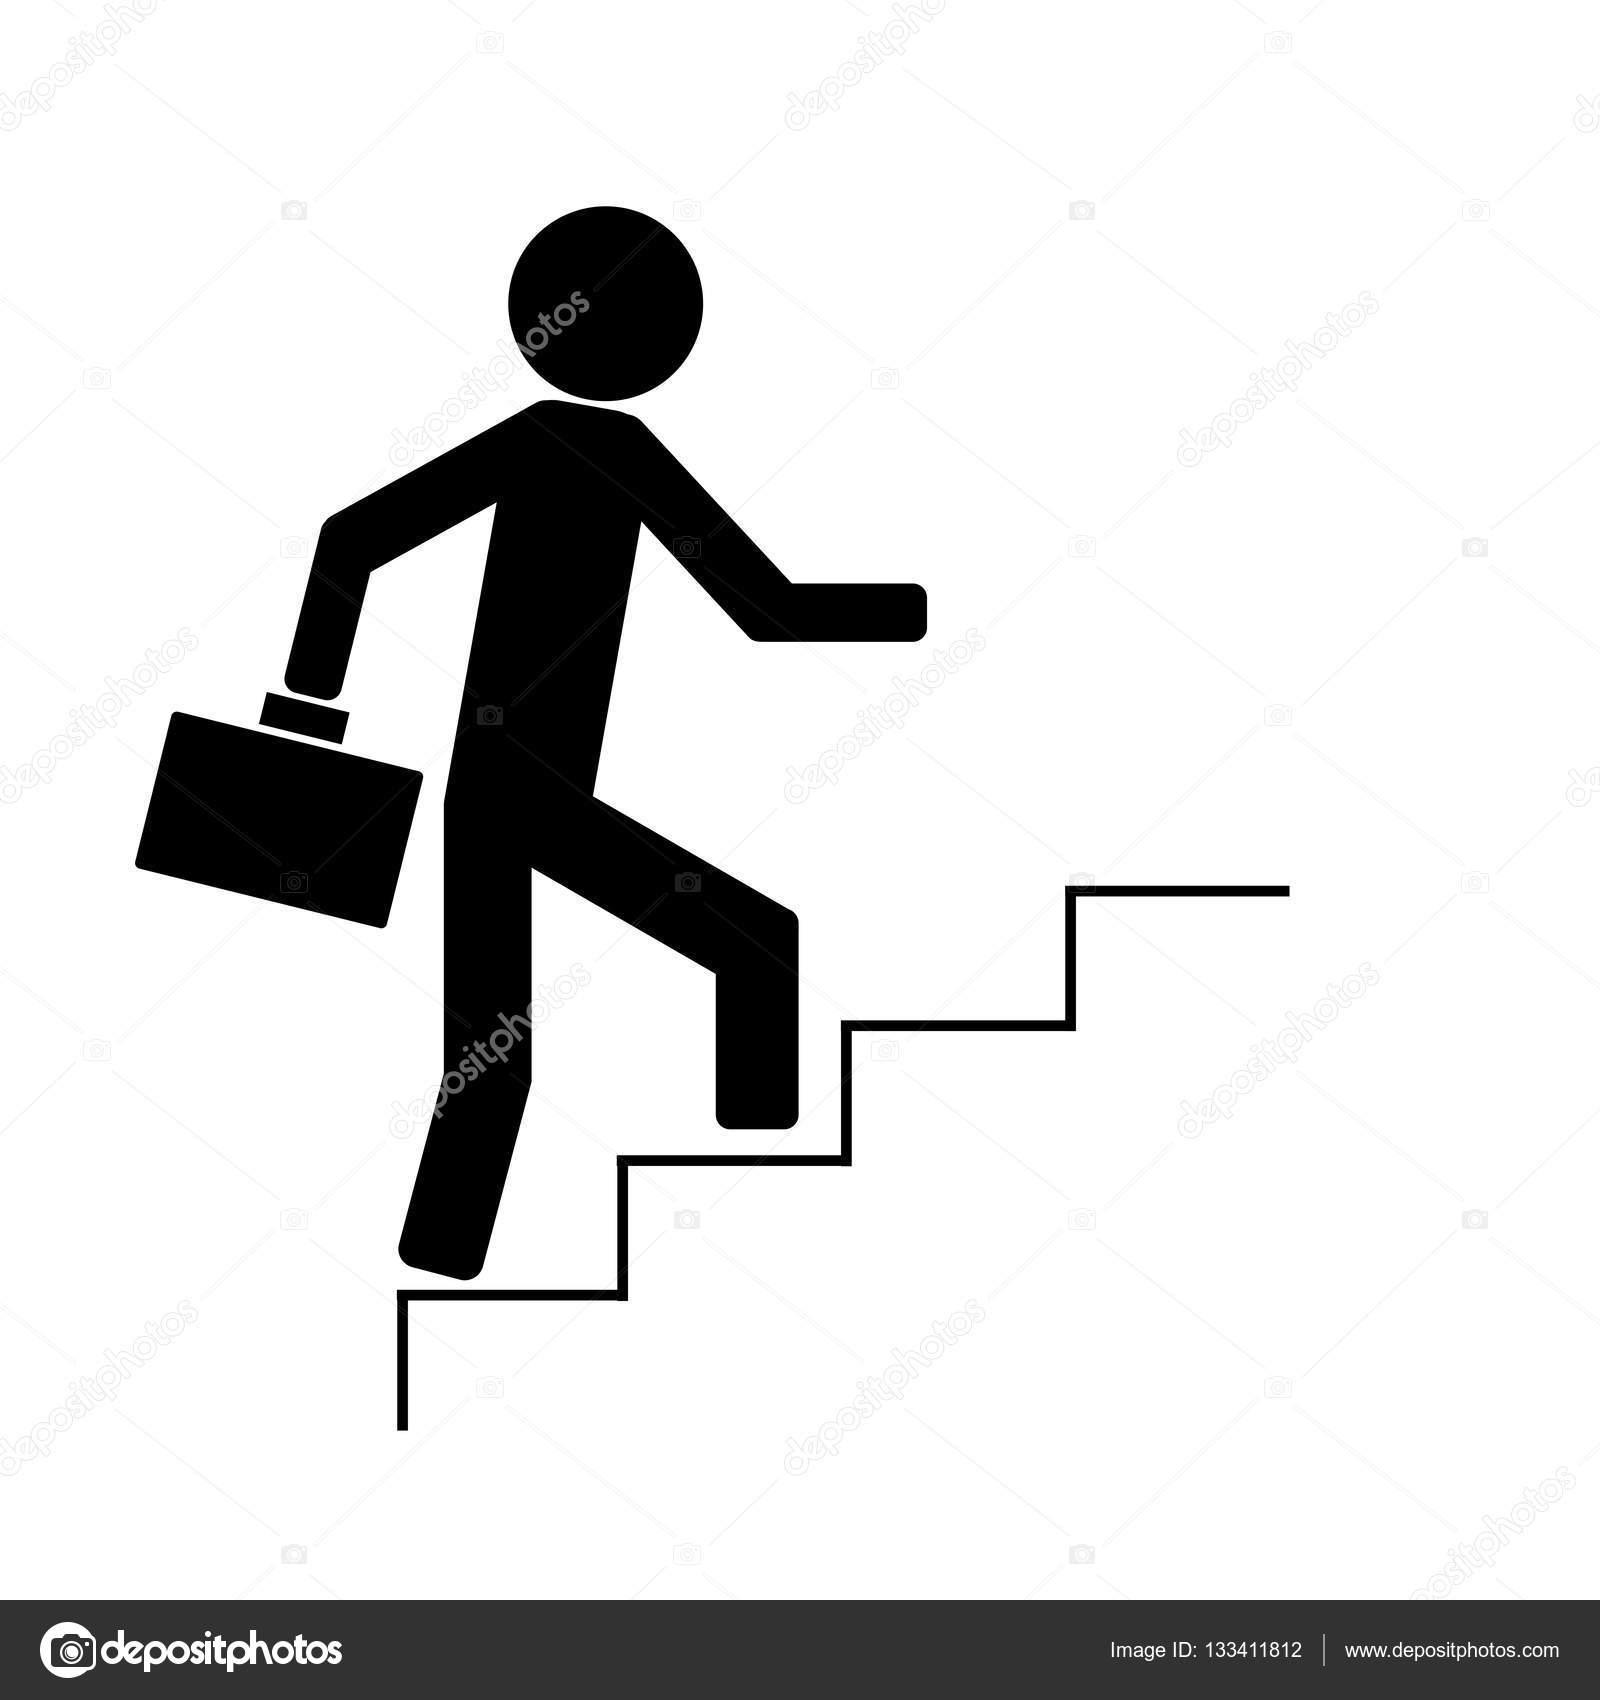 Uomo che sale le scale vettoriali stock densv 133411812 for Sedia elettrica che sale le scale